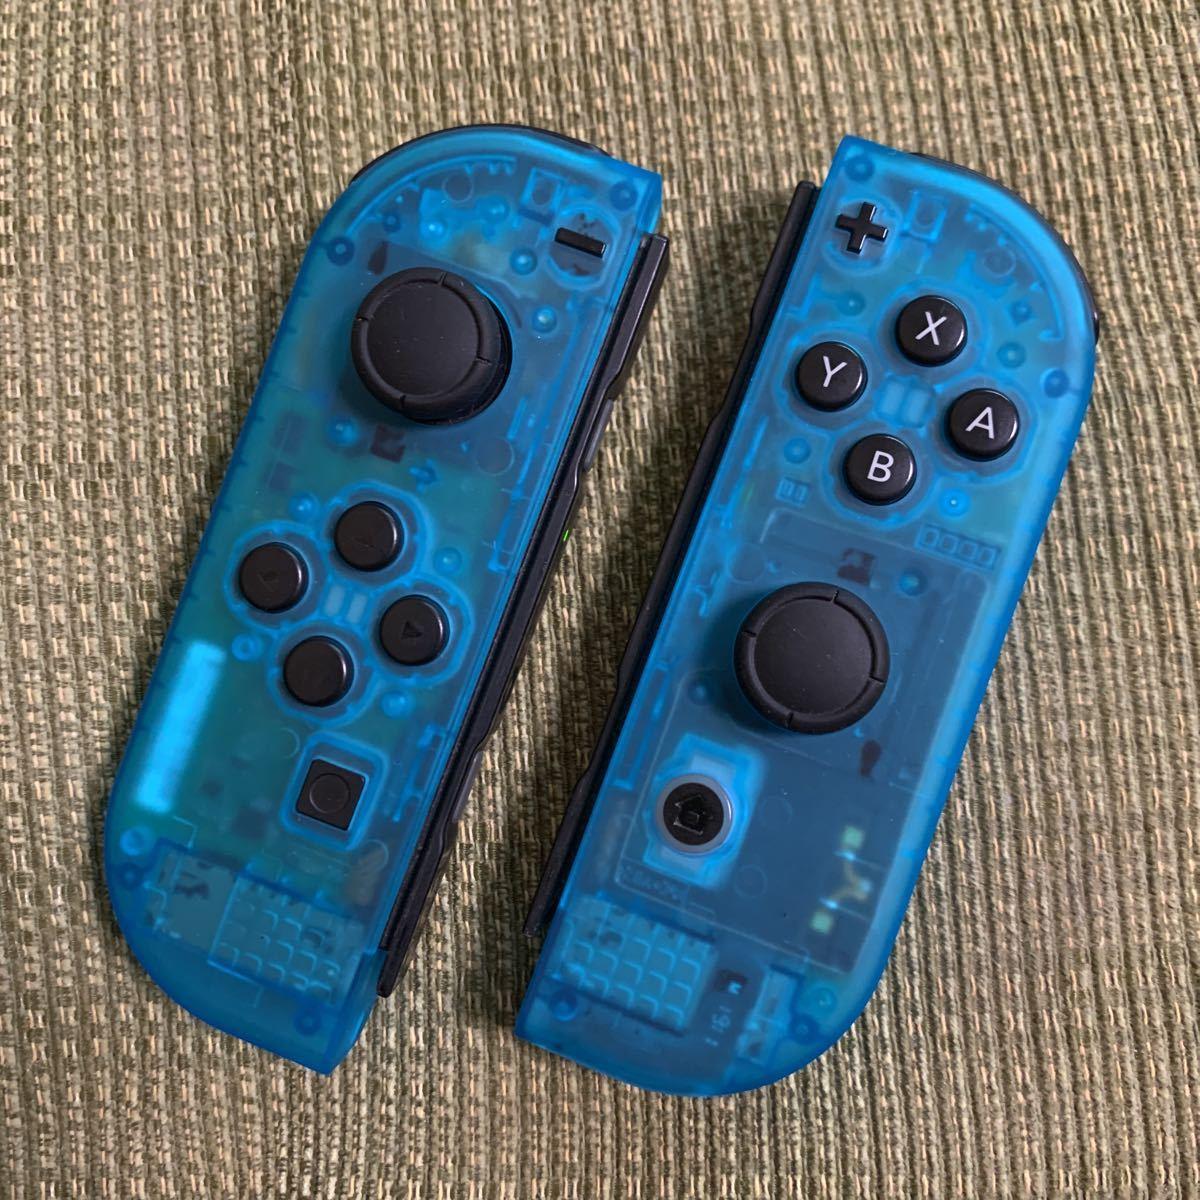 動作確認済み Nintendo Switch Joy-Con スケルトン ブルー 水色 2個セット 左右 LR +- ニンテンドースイッチジョイコン コントローラー